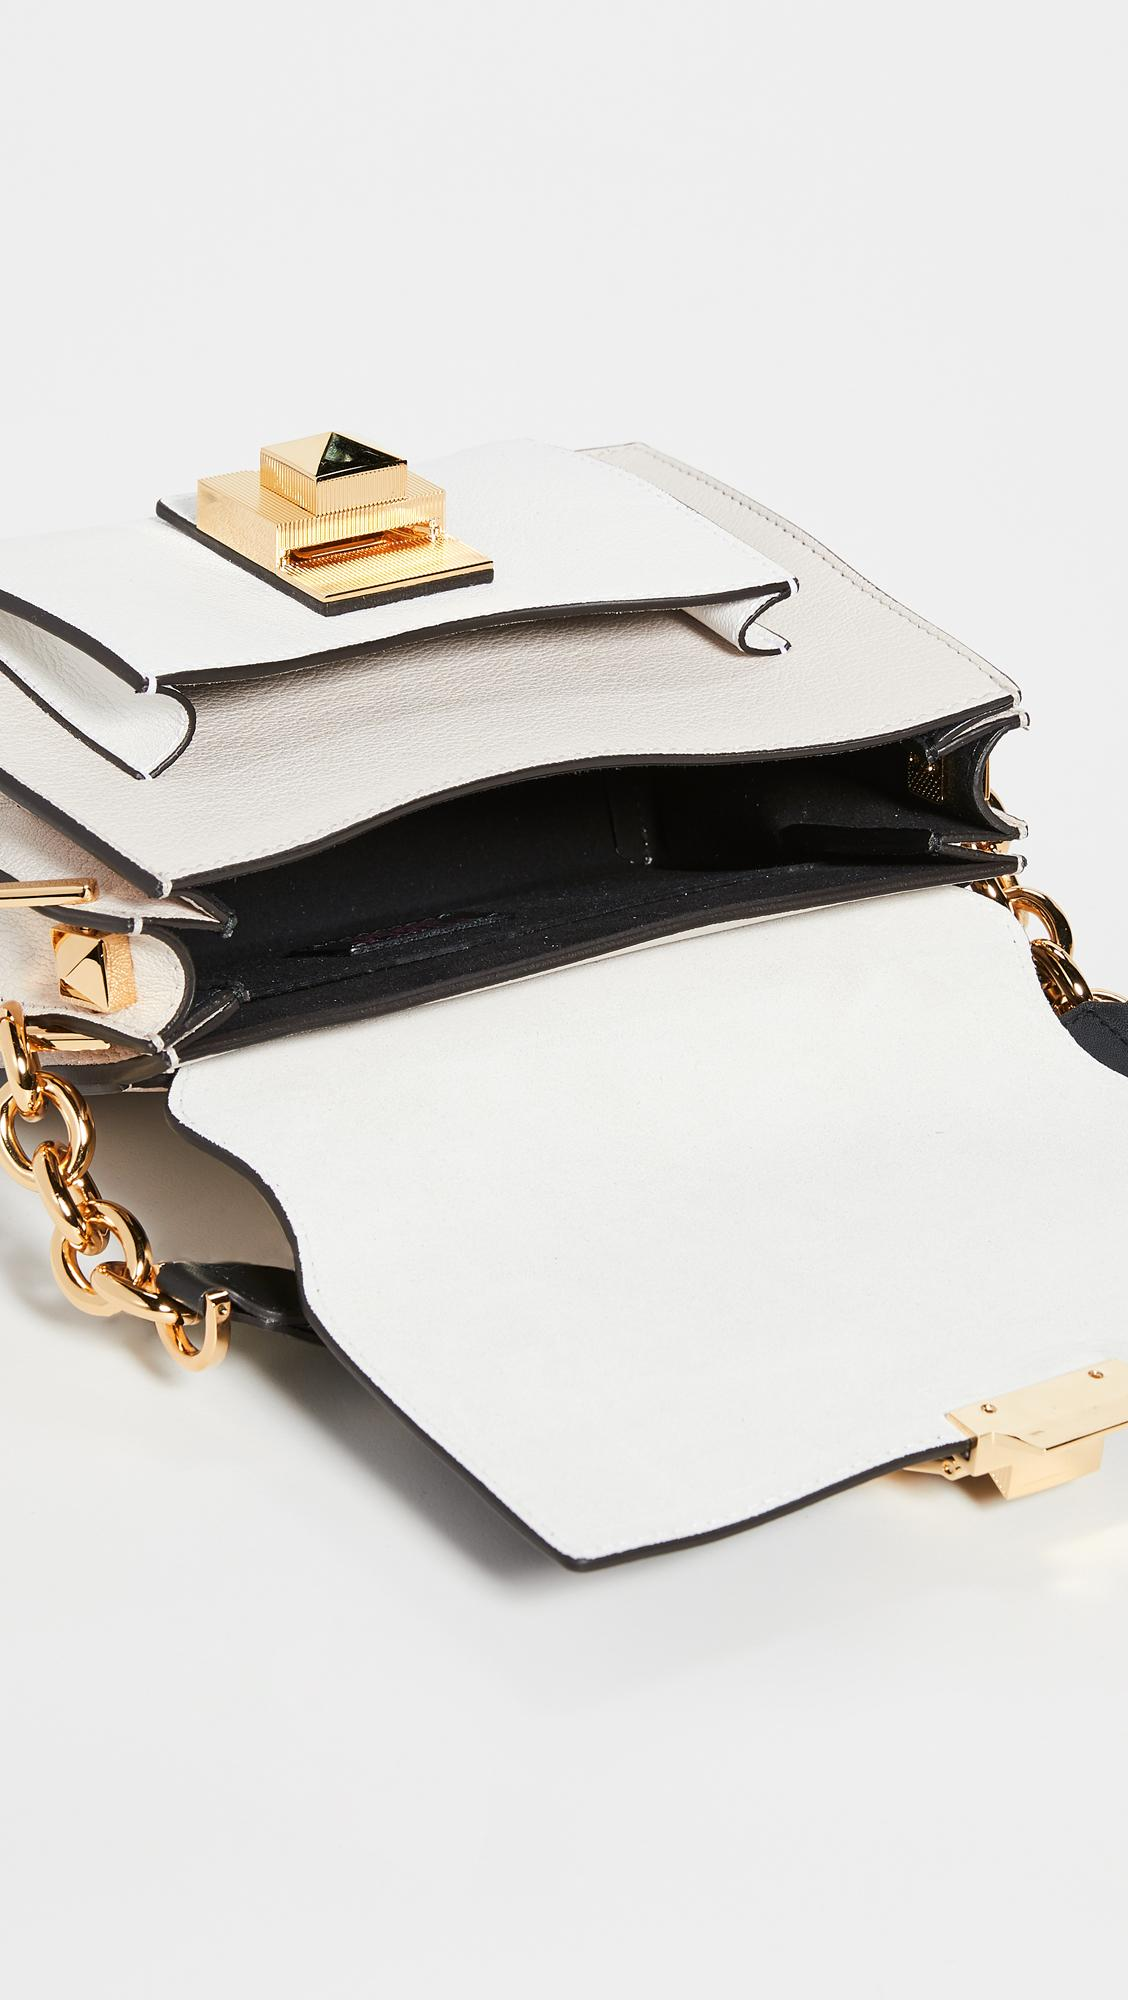 79a7b30e4ba80 Furla Diva Small Shoulder Bag in Black - Lyst